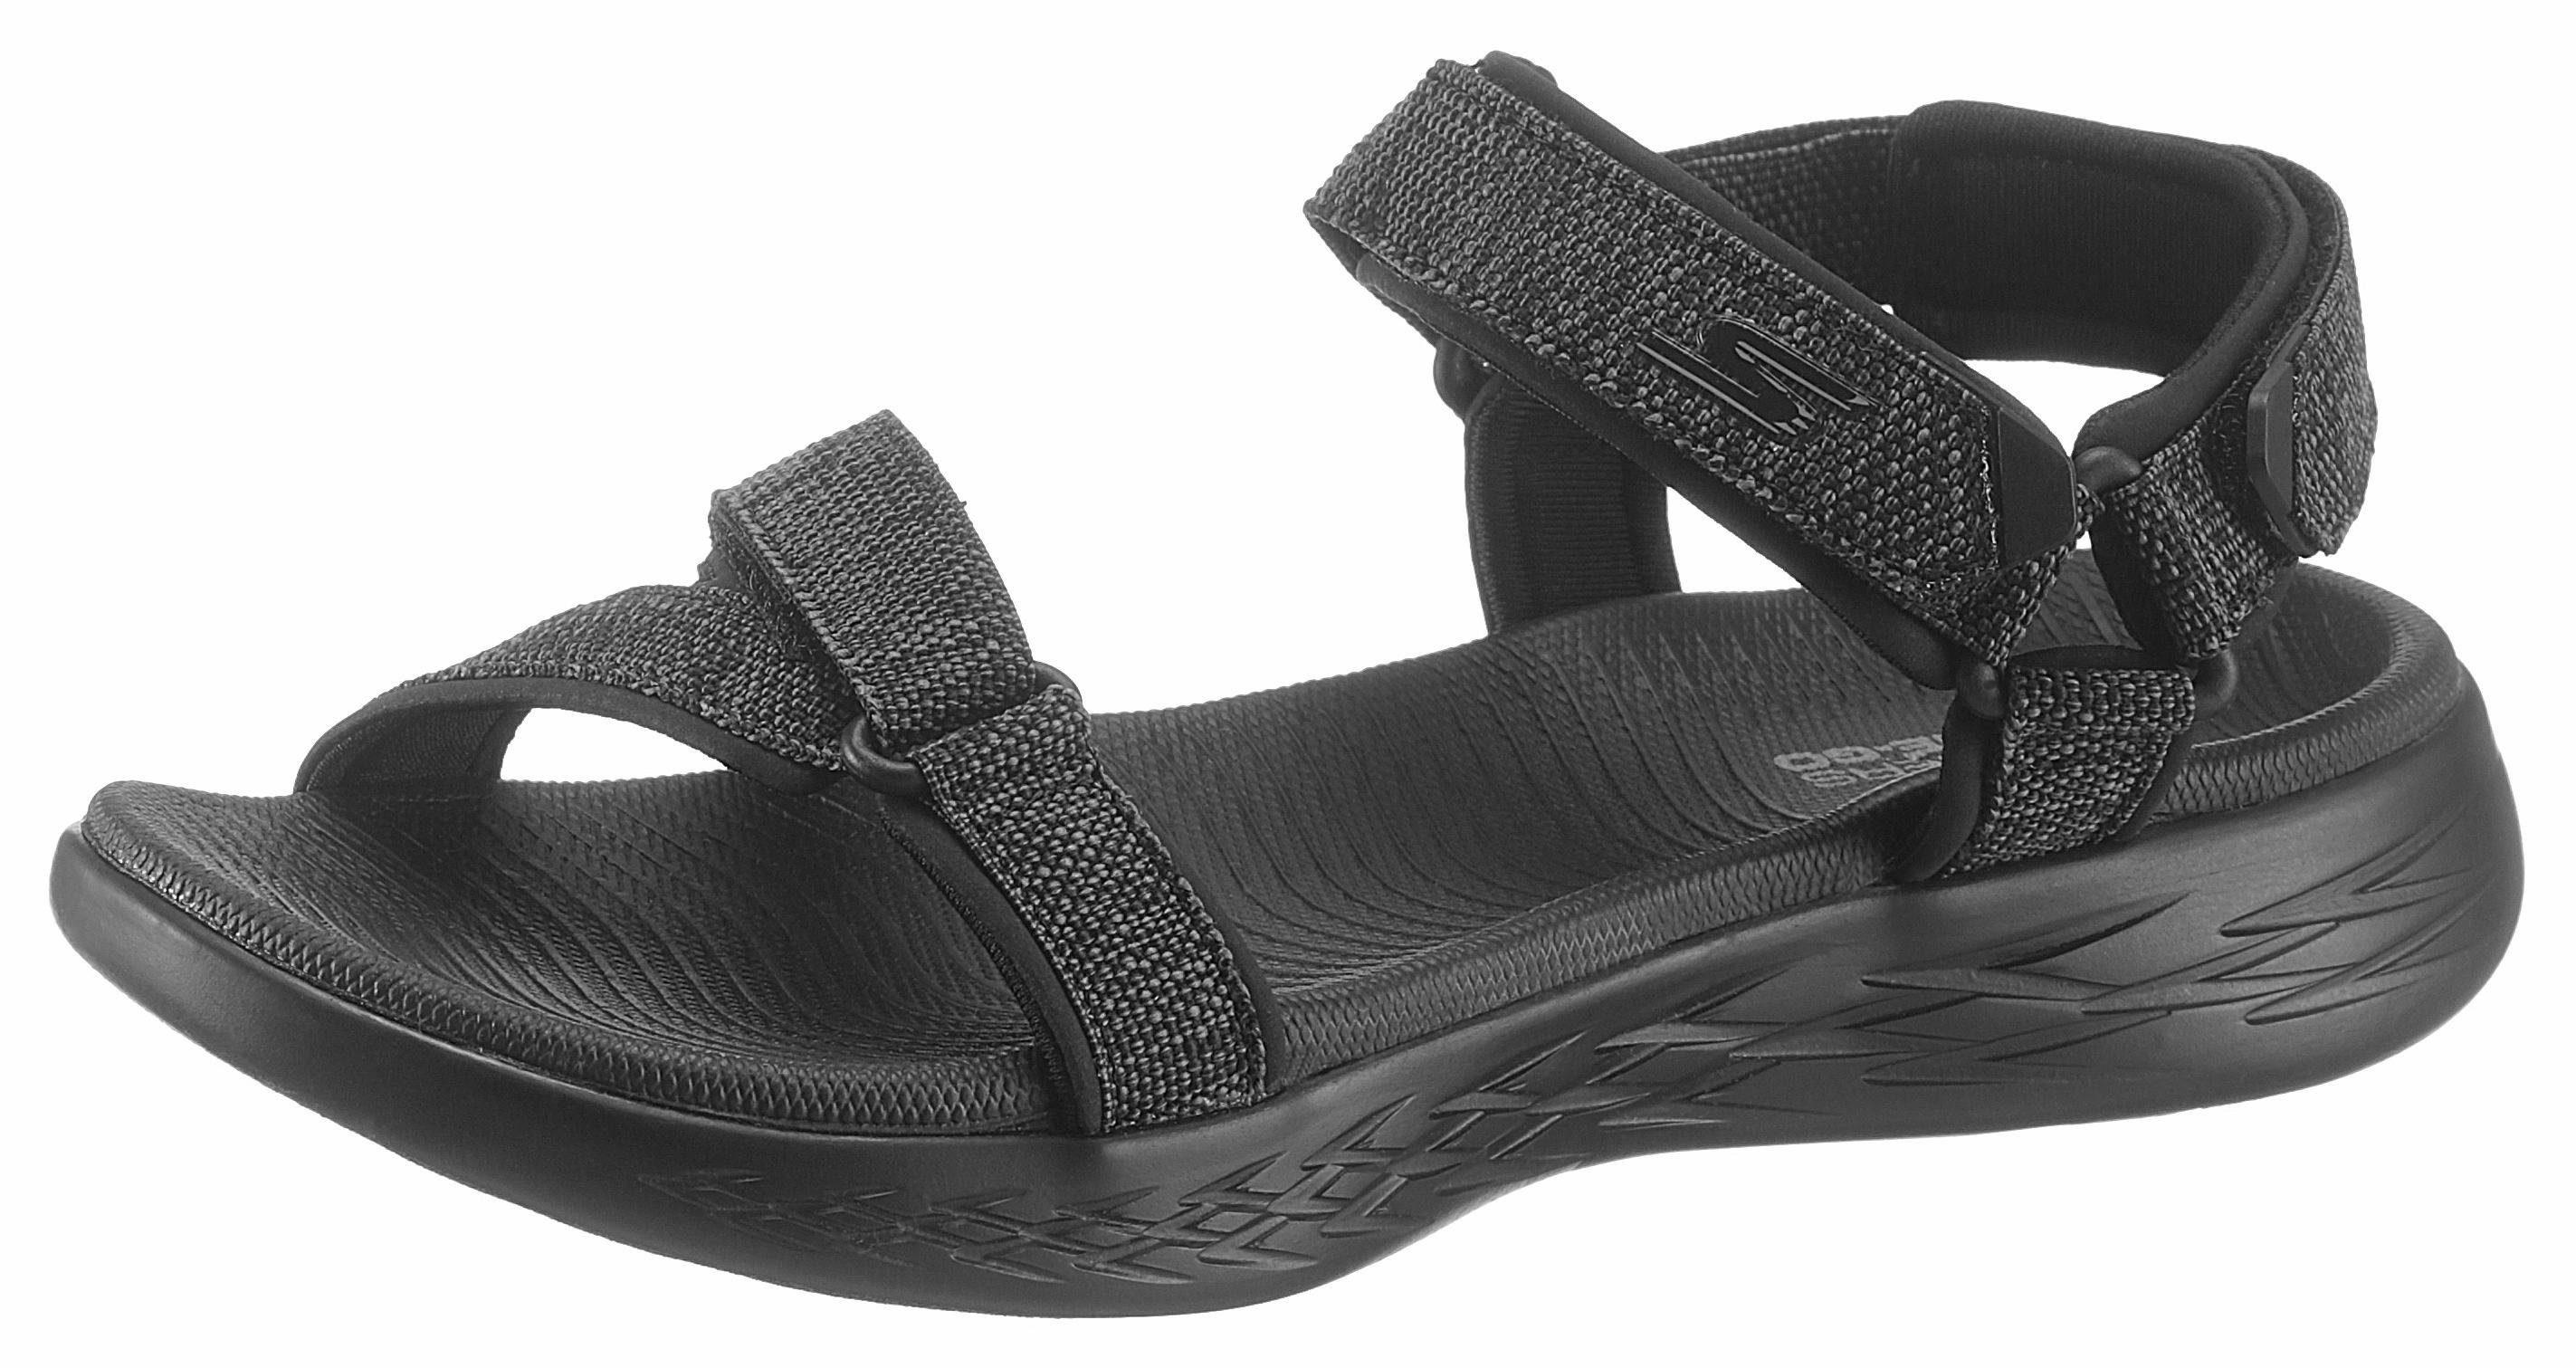 SKECHERS PERFORMANCE Sandale, im sportiven Stil, schwarz, schwarz